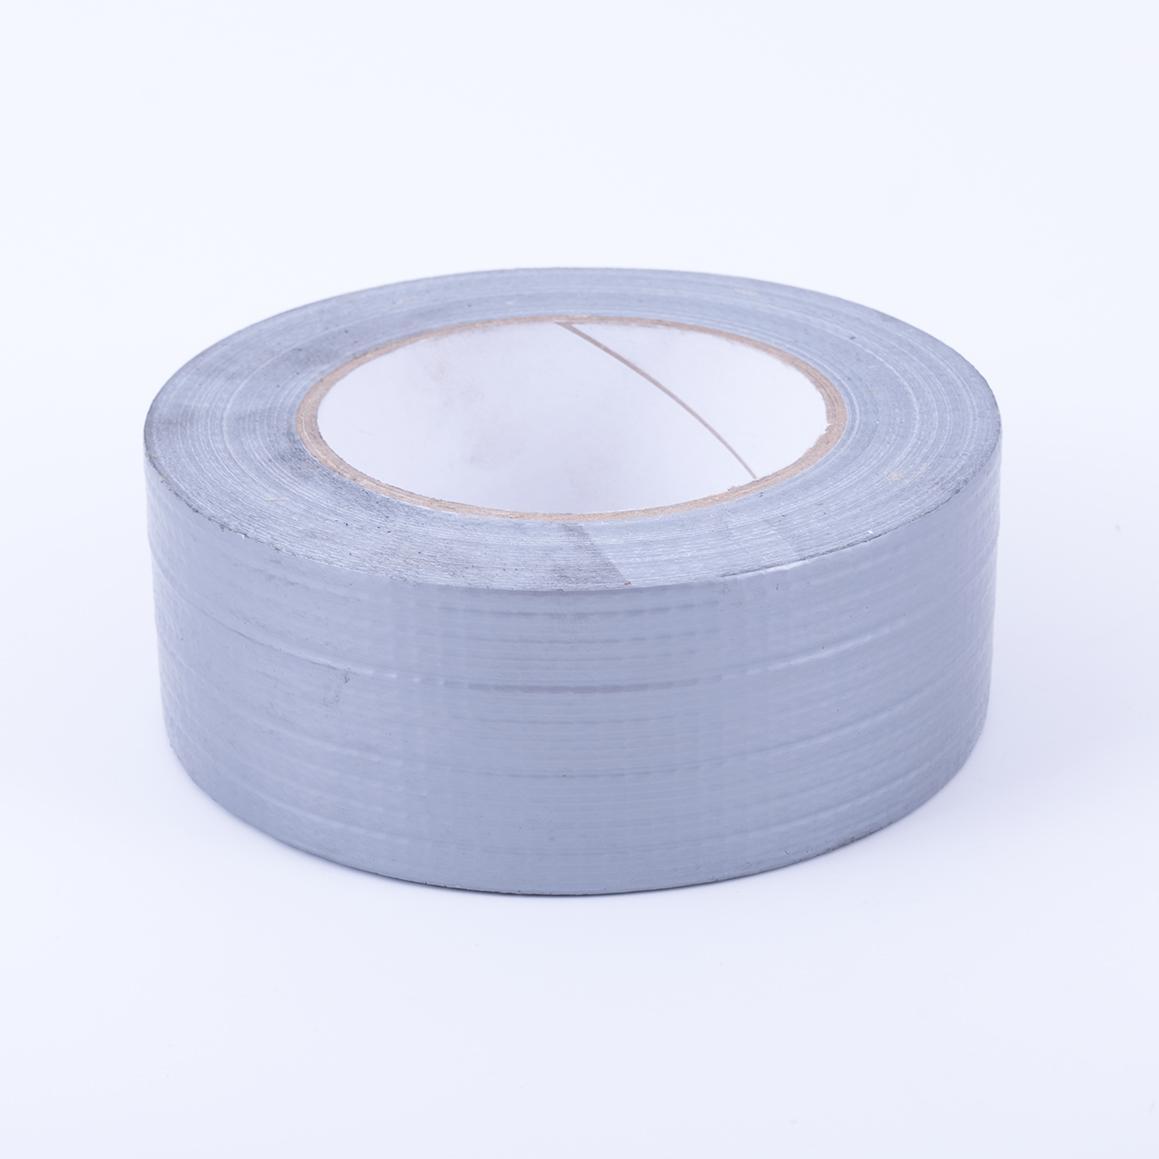 Formwork Foam & Tapes